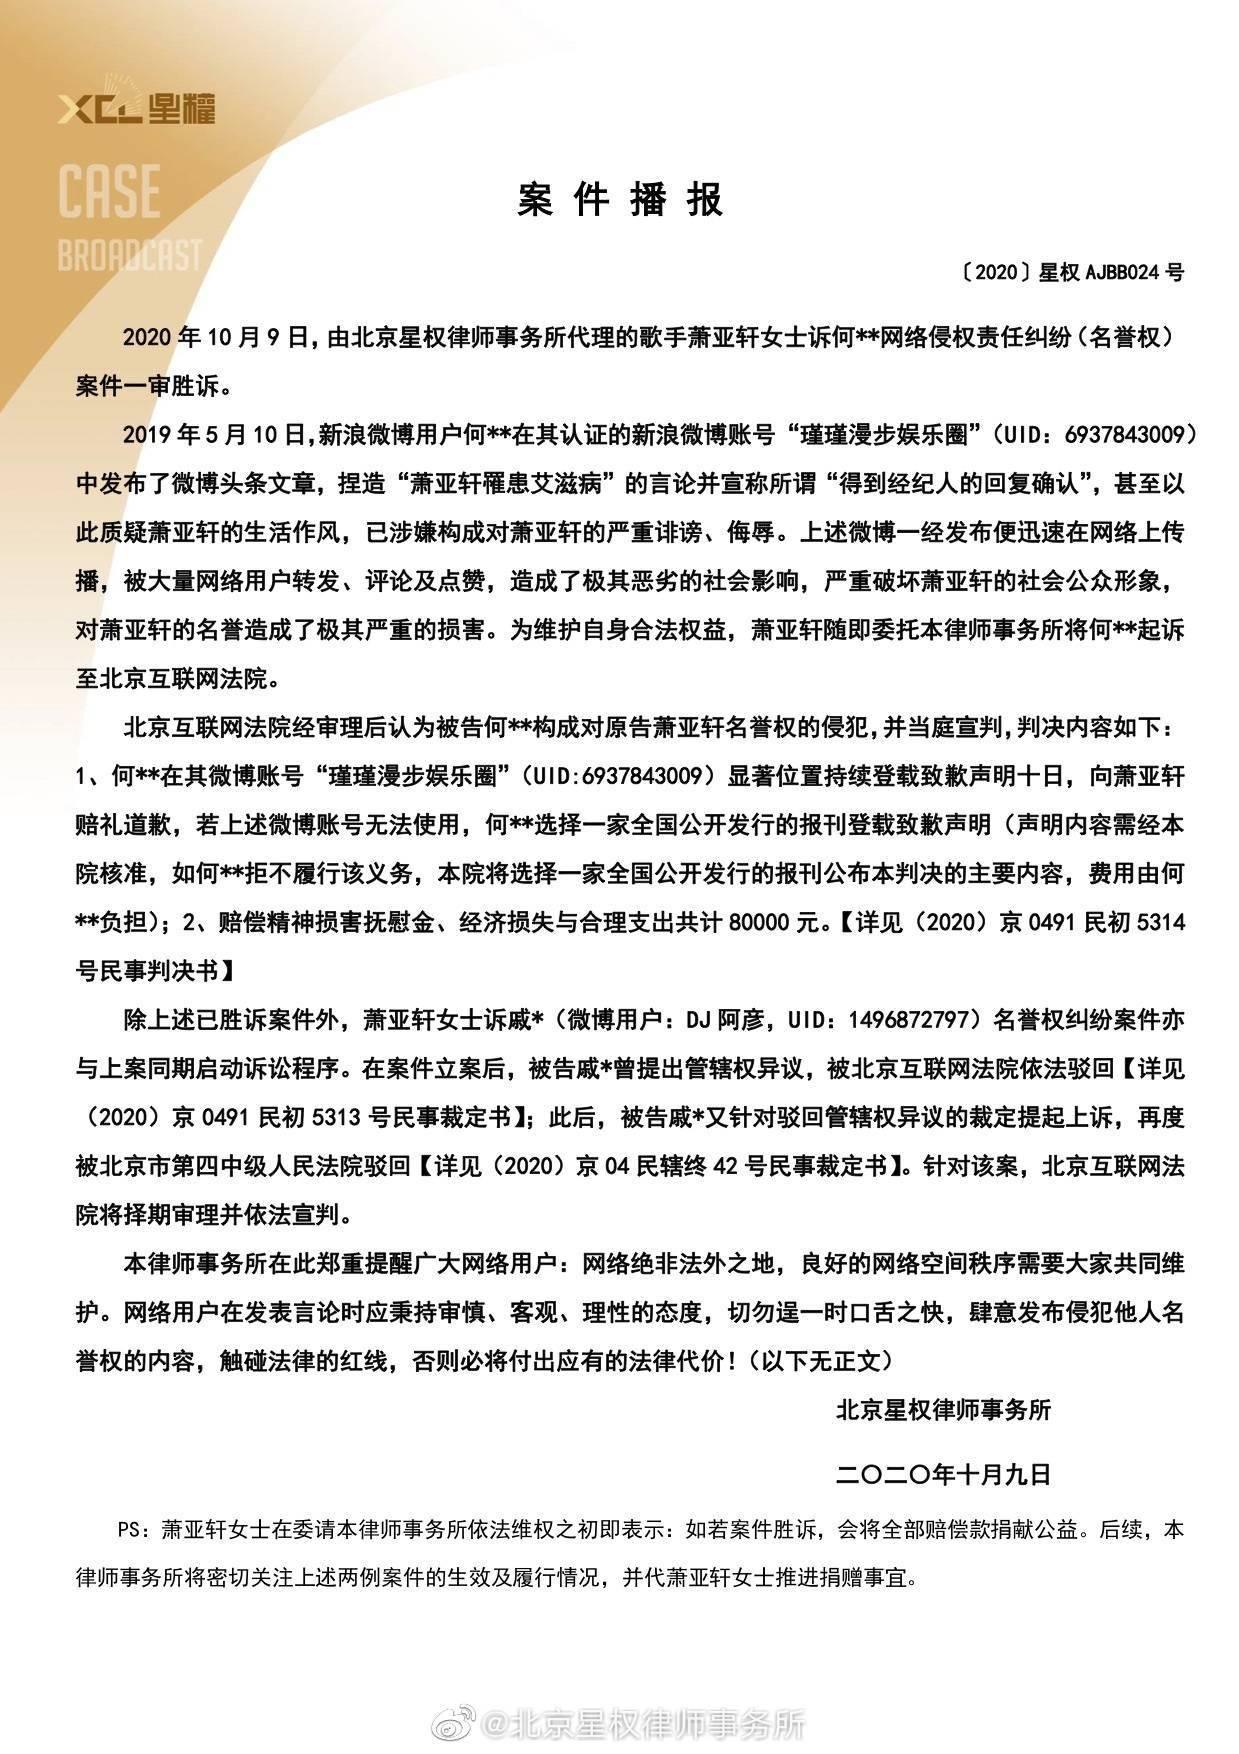 萧亚轩名誉权案一审胜诉,所得赔偿8万元将全部捐献公益